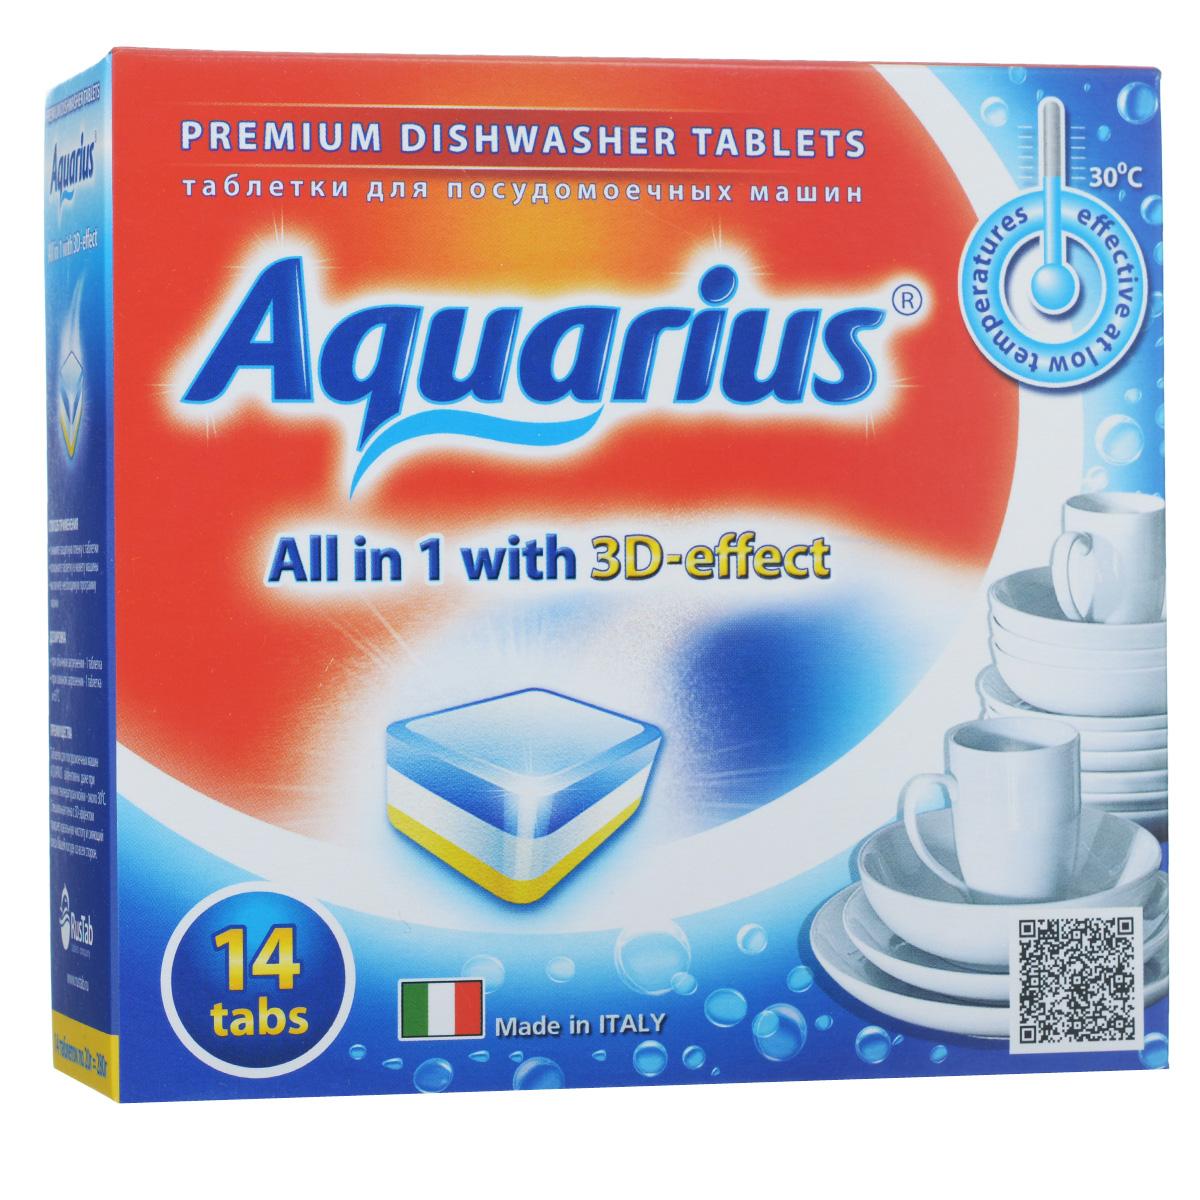 Таблетки для посудомоечных машин Lotta Aquarius, 14 шт16320Таблетки Lotta Aquarius предназначены для посудомоечных машин. Специальная пена с 3D- эффектом придает идеальную чистоту и сияющий блеск вашей посуде со всех сторон. Таблетки эффективны даже при низких температурах мойки - около 30°С. Для этого необходимо снять защитную пленку, положить таблетку в кювету машины и включить необходимую программу. В комплект входит 14 штук. Состав: фосфаты более 30%, кислородосодержащий отбеливатель более 5%, но менее 15%, поликарбоксилаты, фосфонаты, неионные ПАВ, энзимы (амилаза, протеаза), краситель, отдушка менее 5%. Товар сертифицирован.